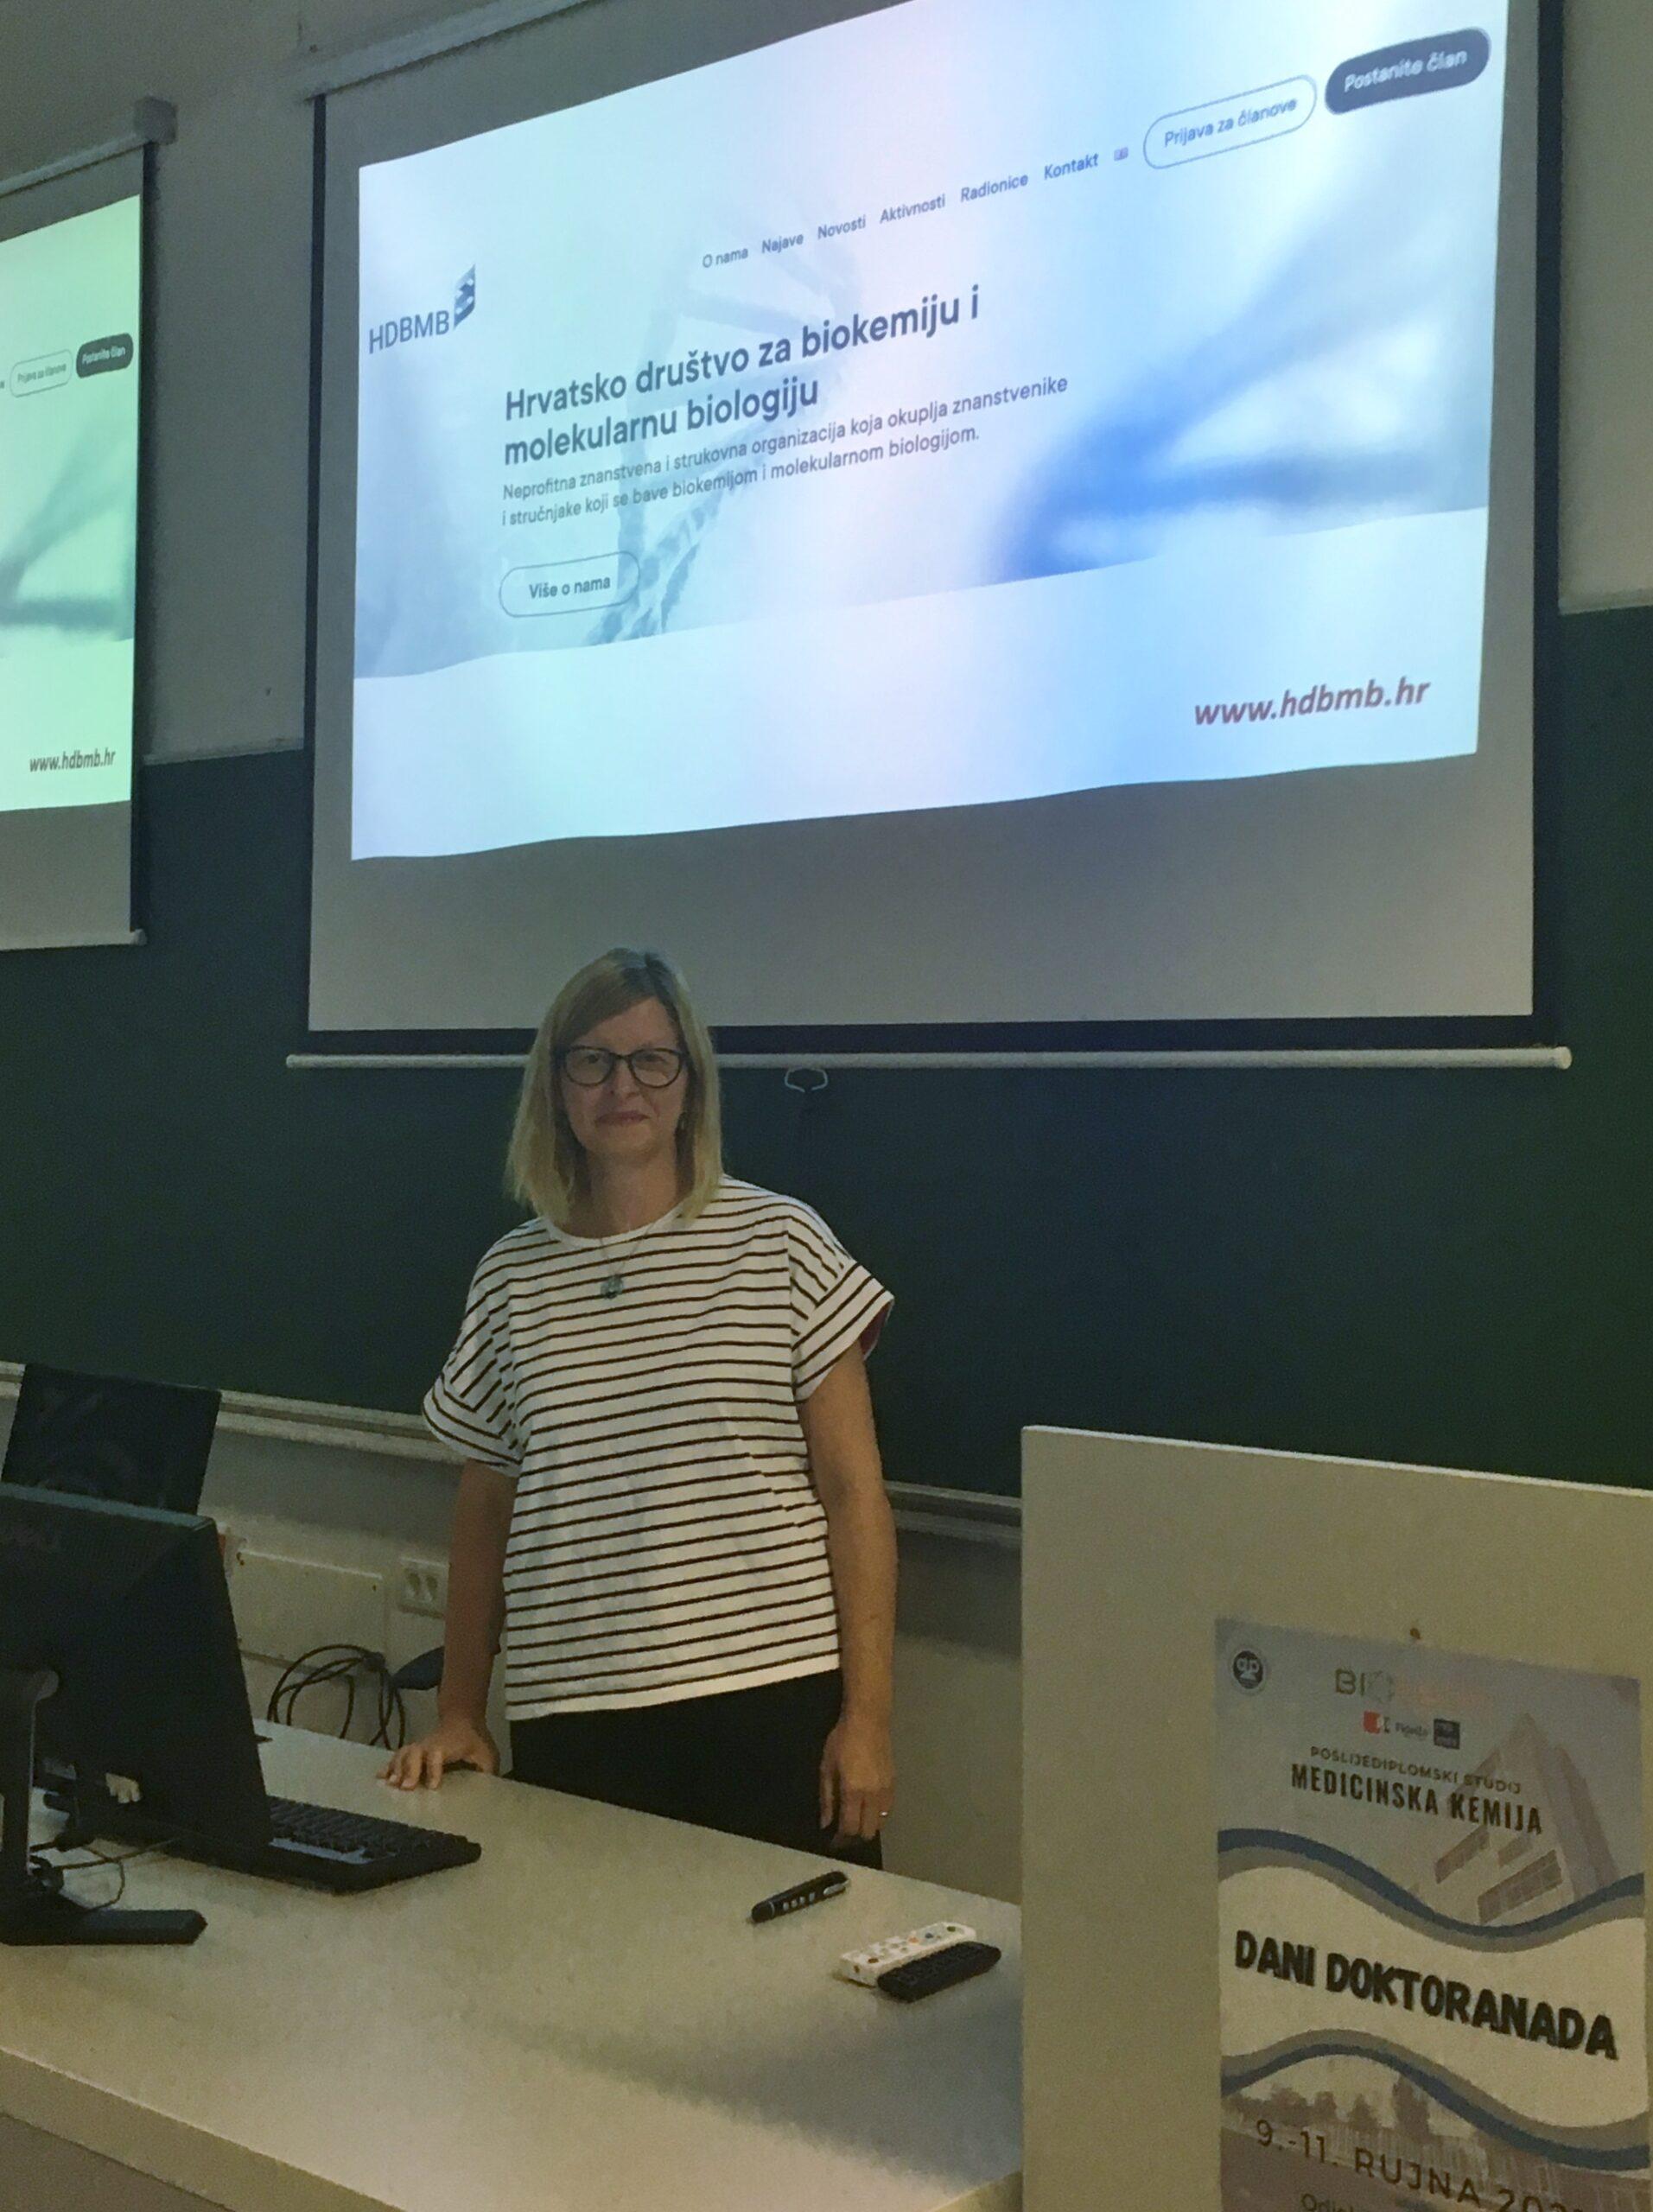 Promocija HDBMB-a u sklopu Dana doktoranda na Odjelu za biotehnologiju Sveučilišta u Rijeci